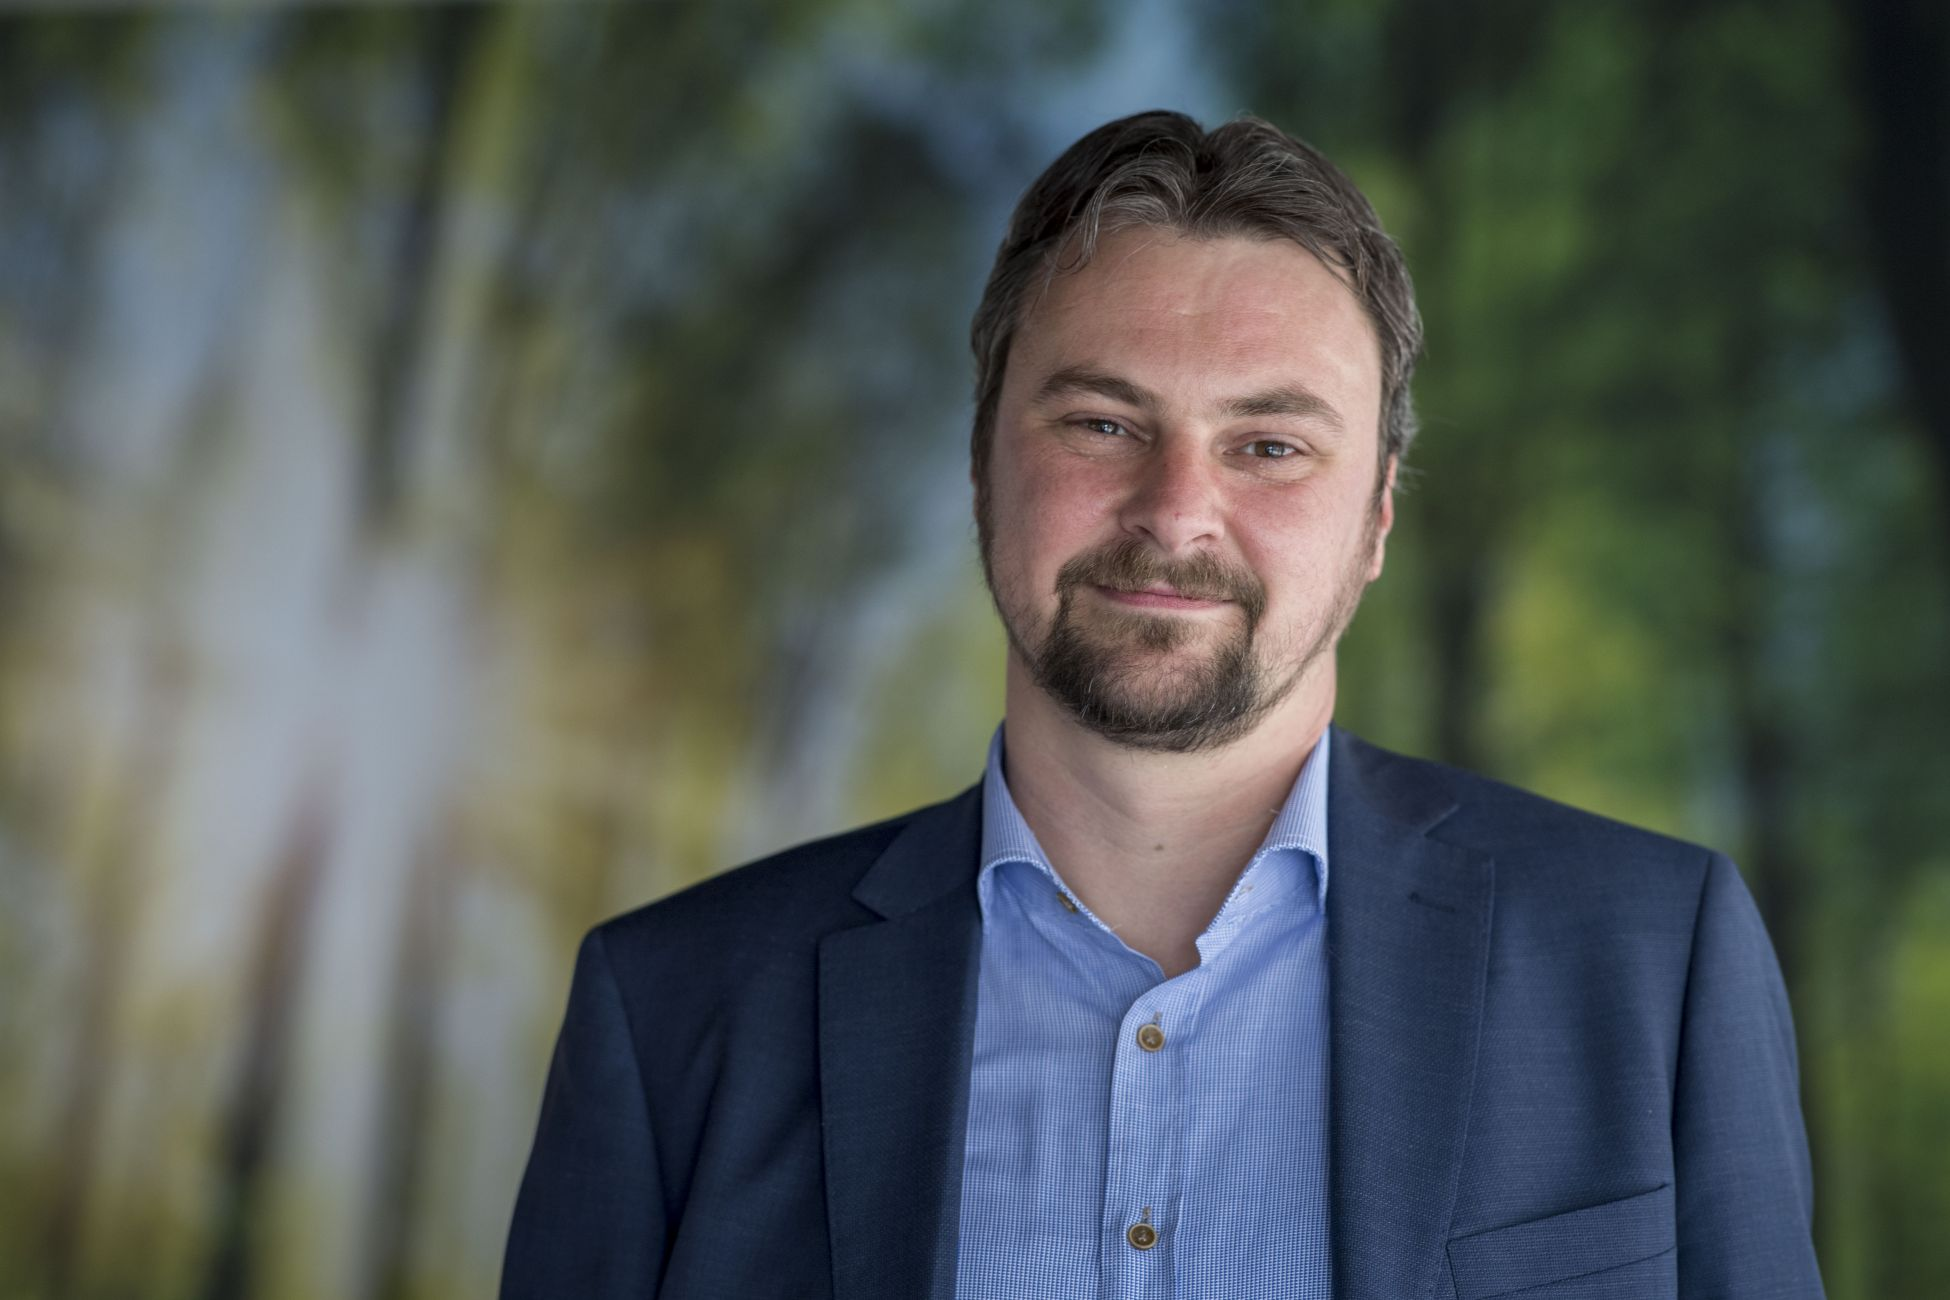 Grotere kans om zaken met gemeente Schiedam te doen